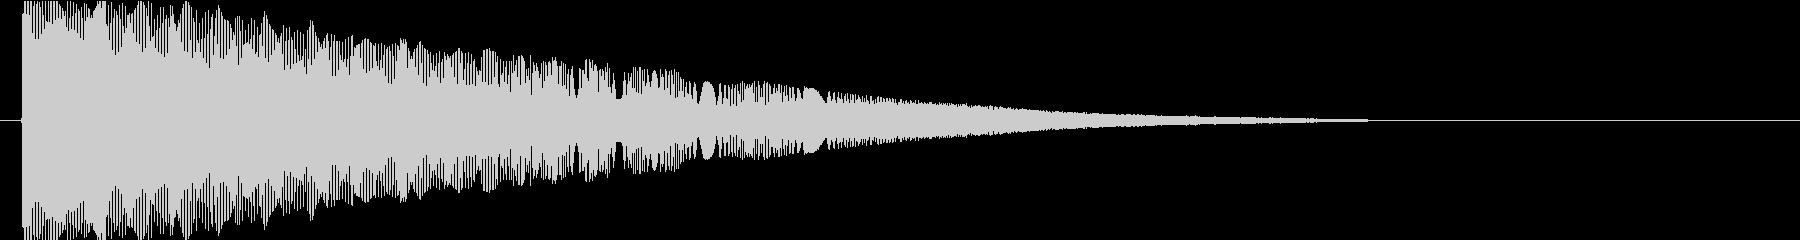 ギュピピピピピーンの未再生の波形